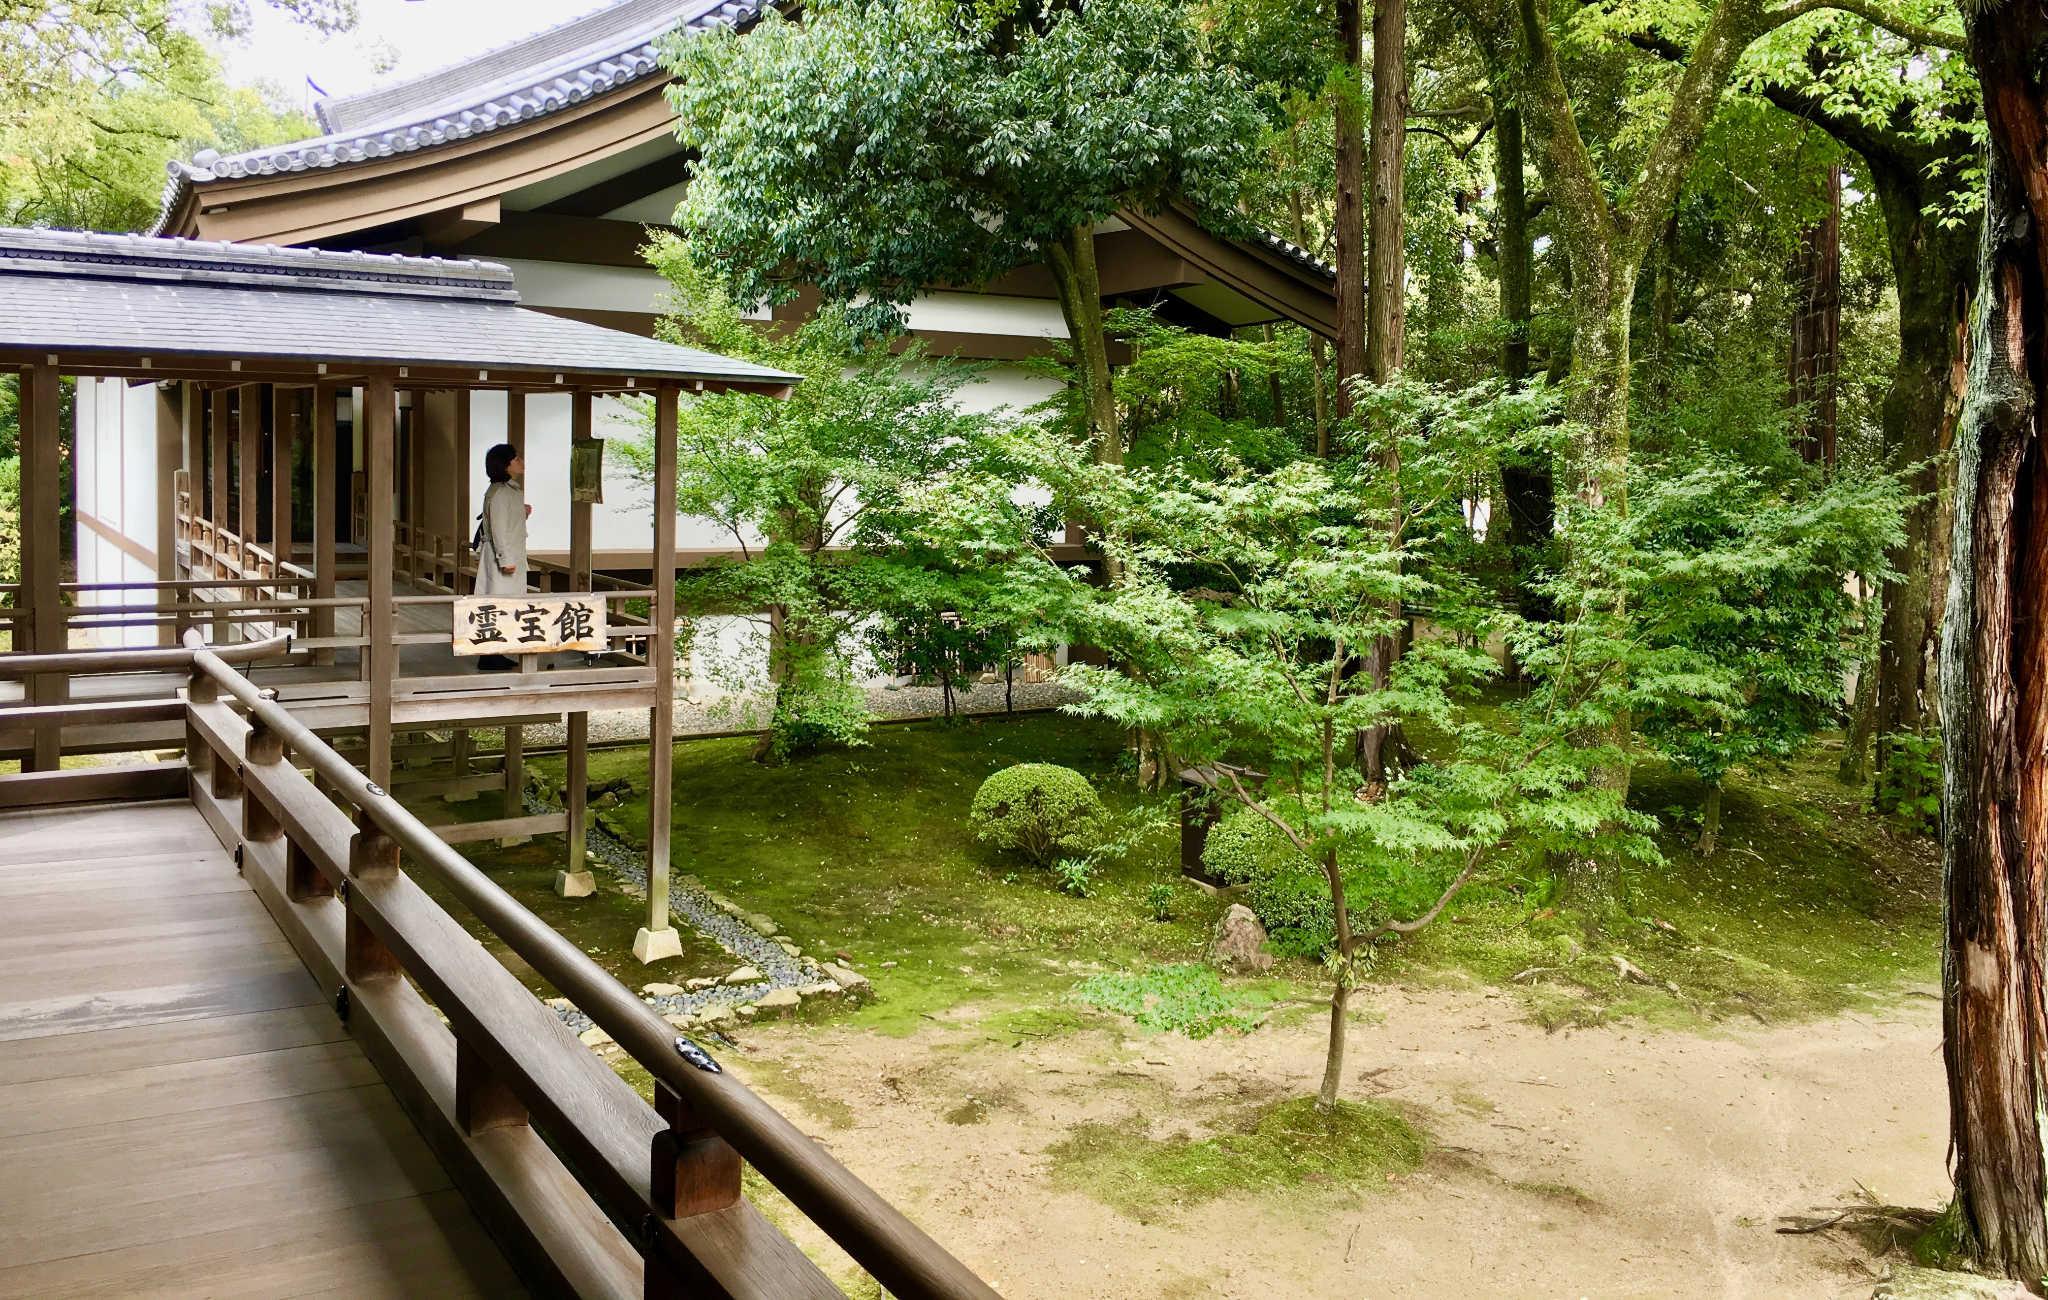 On admire les jardins depuis des coursives en bois